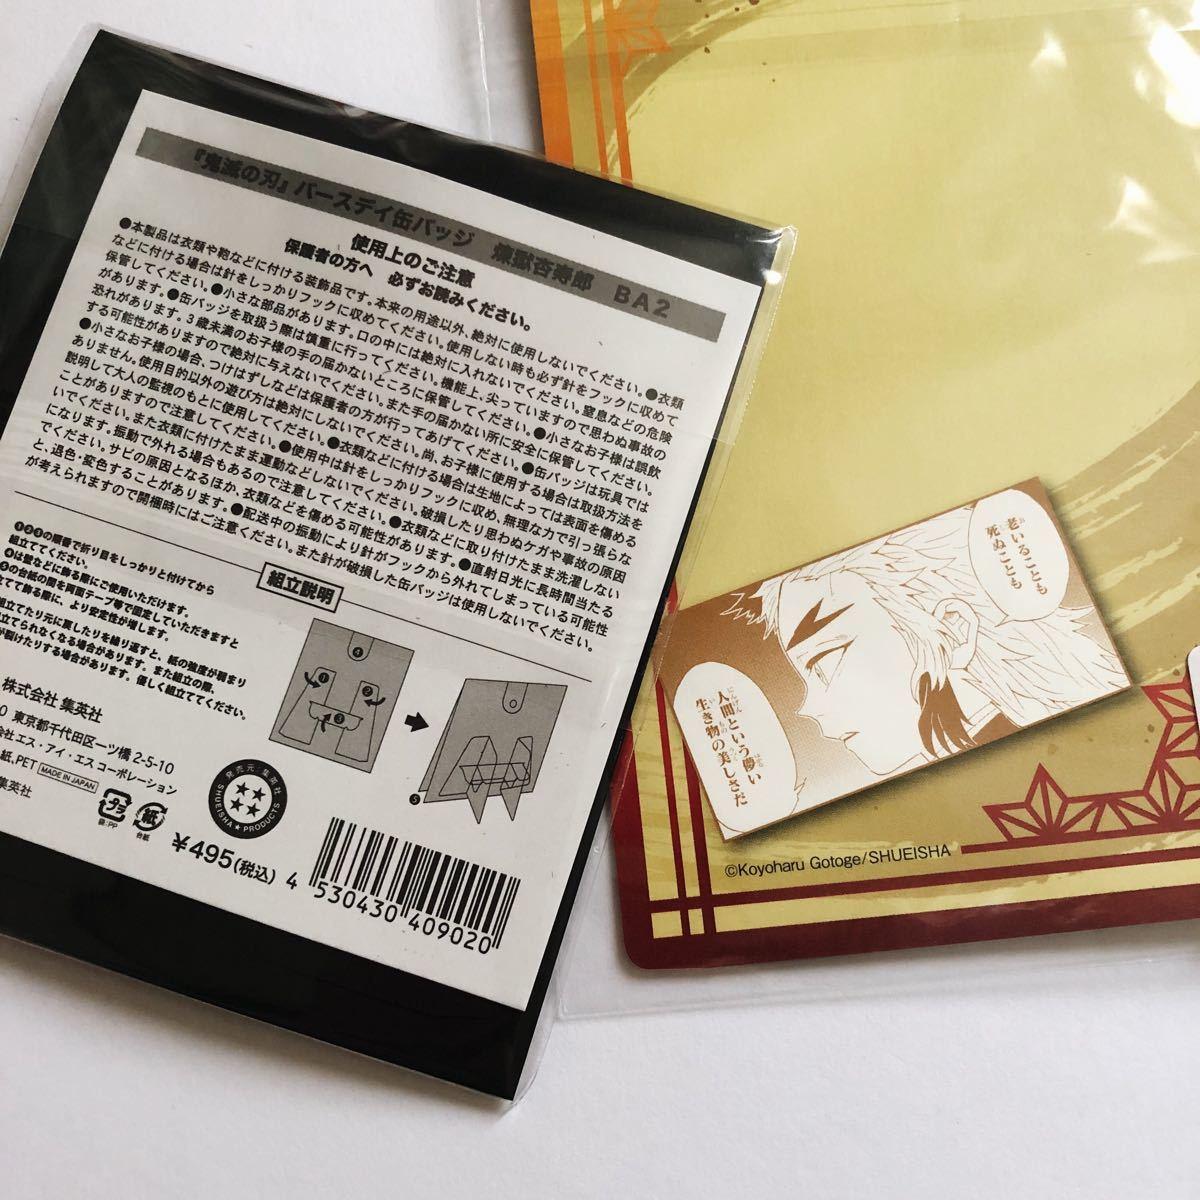 【新品】*鬼滅の刃* 煉獄杏寿郎4点セット バースデーアクリルスタンド 名場面ジオラマフィギュア バースデー缶バッジ